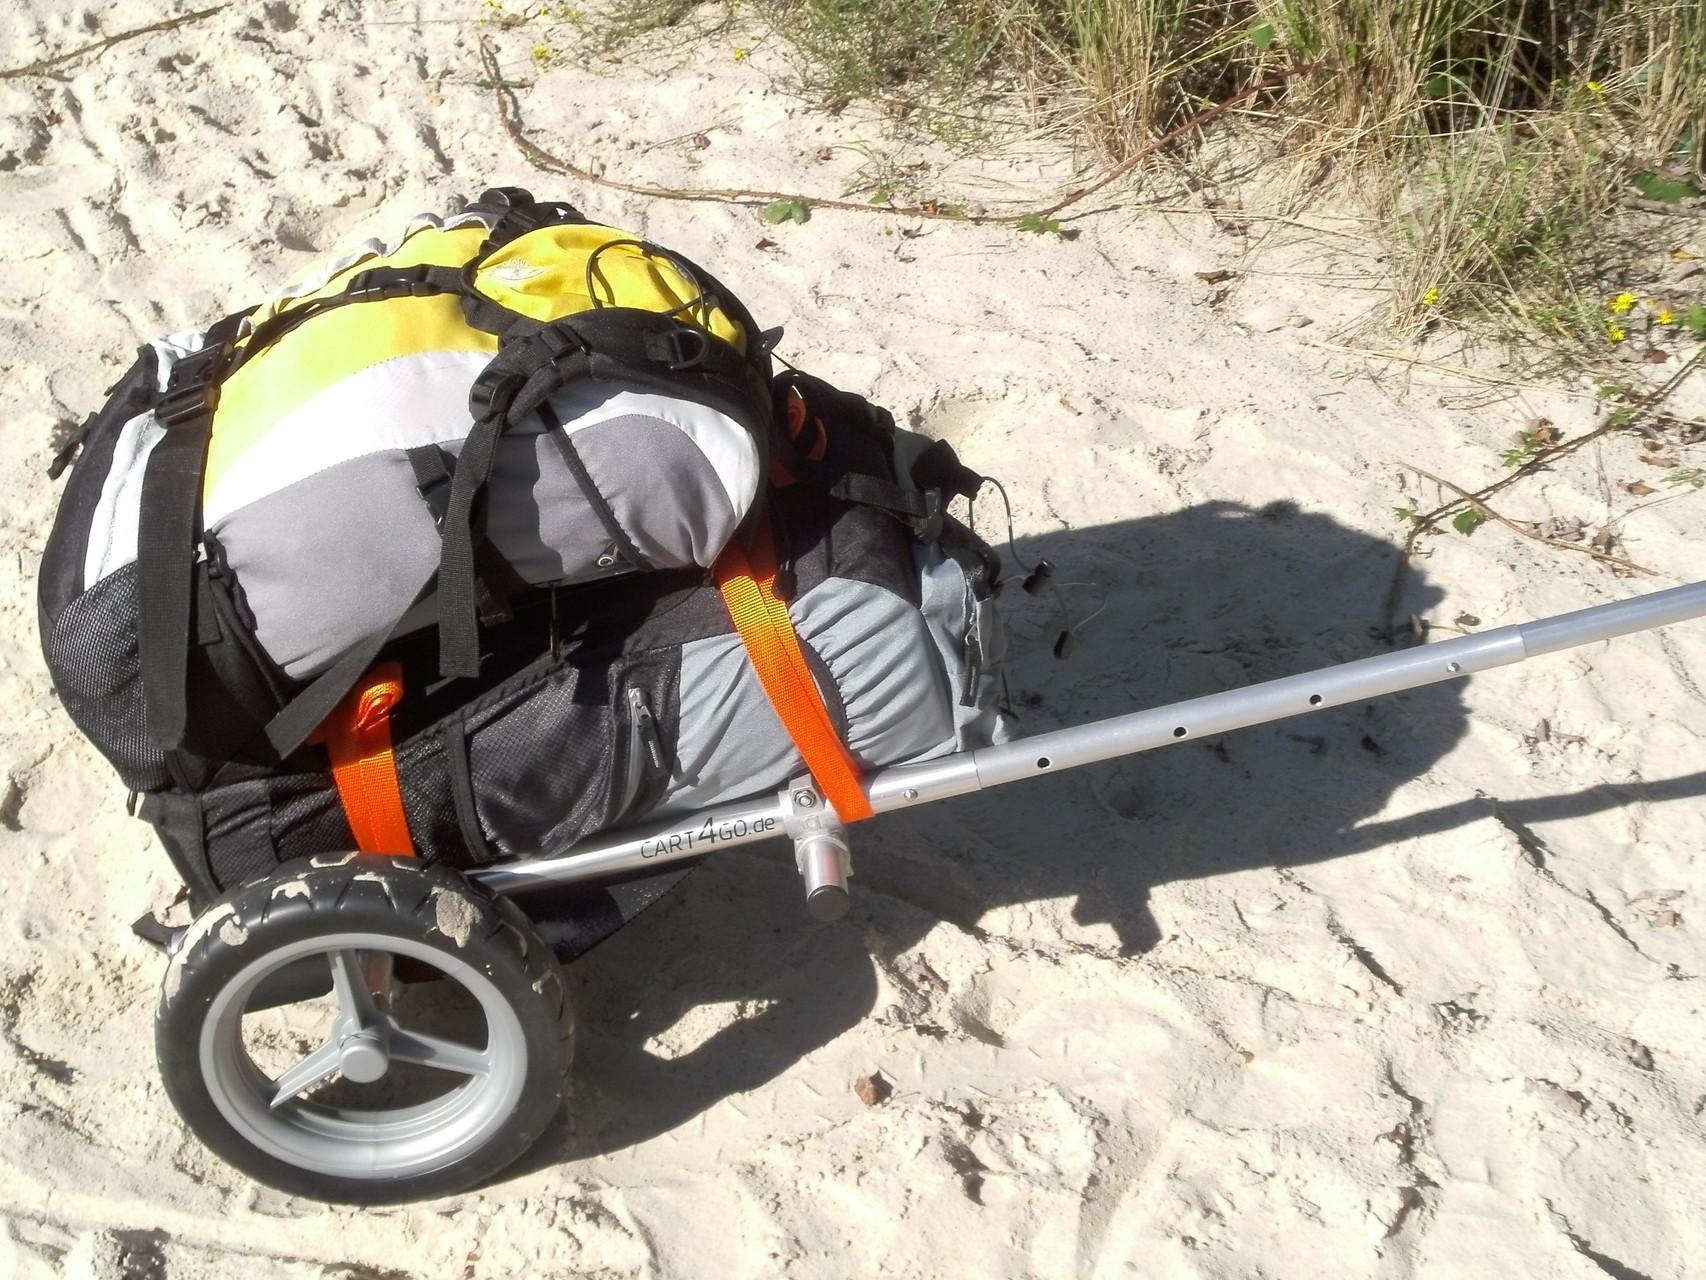 CART4GO for2 für 2 Personen oder schweres Gepäck